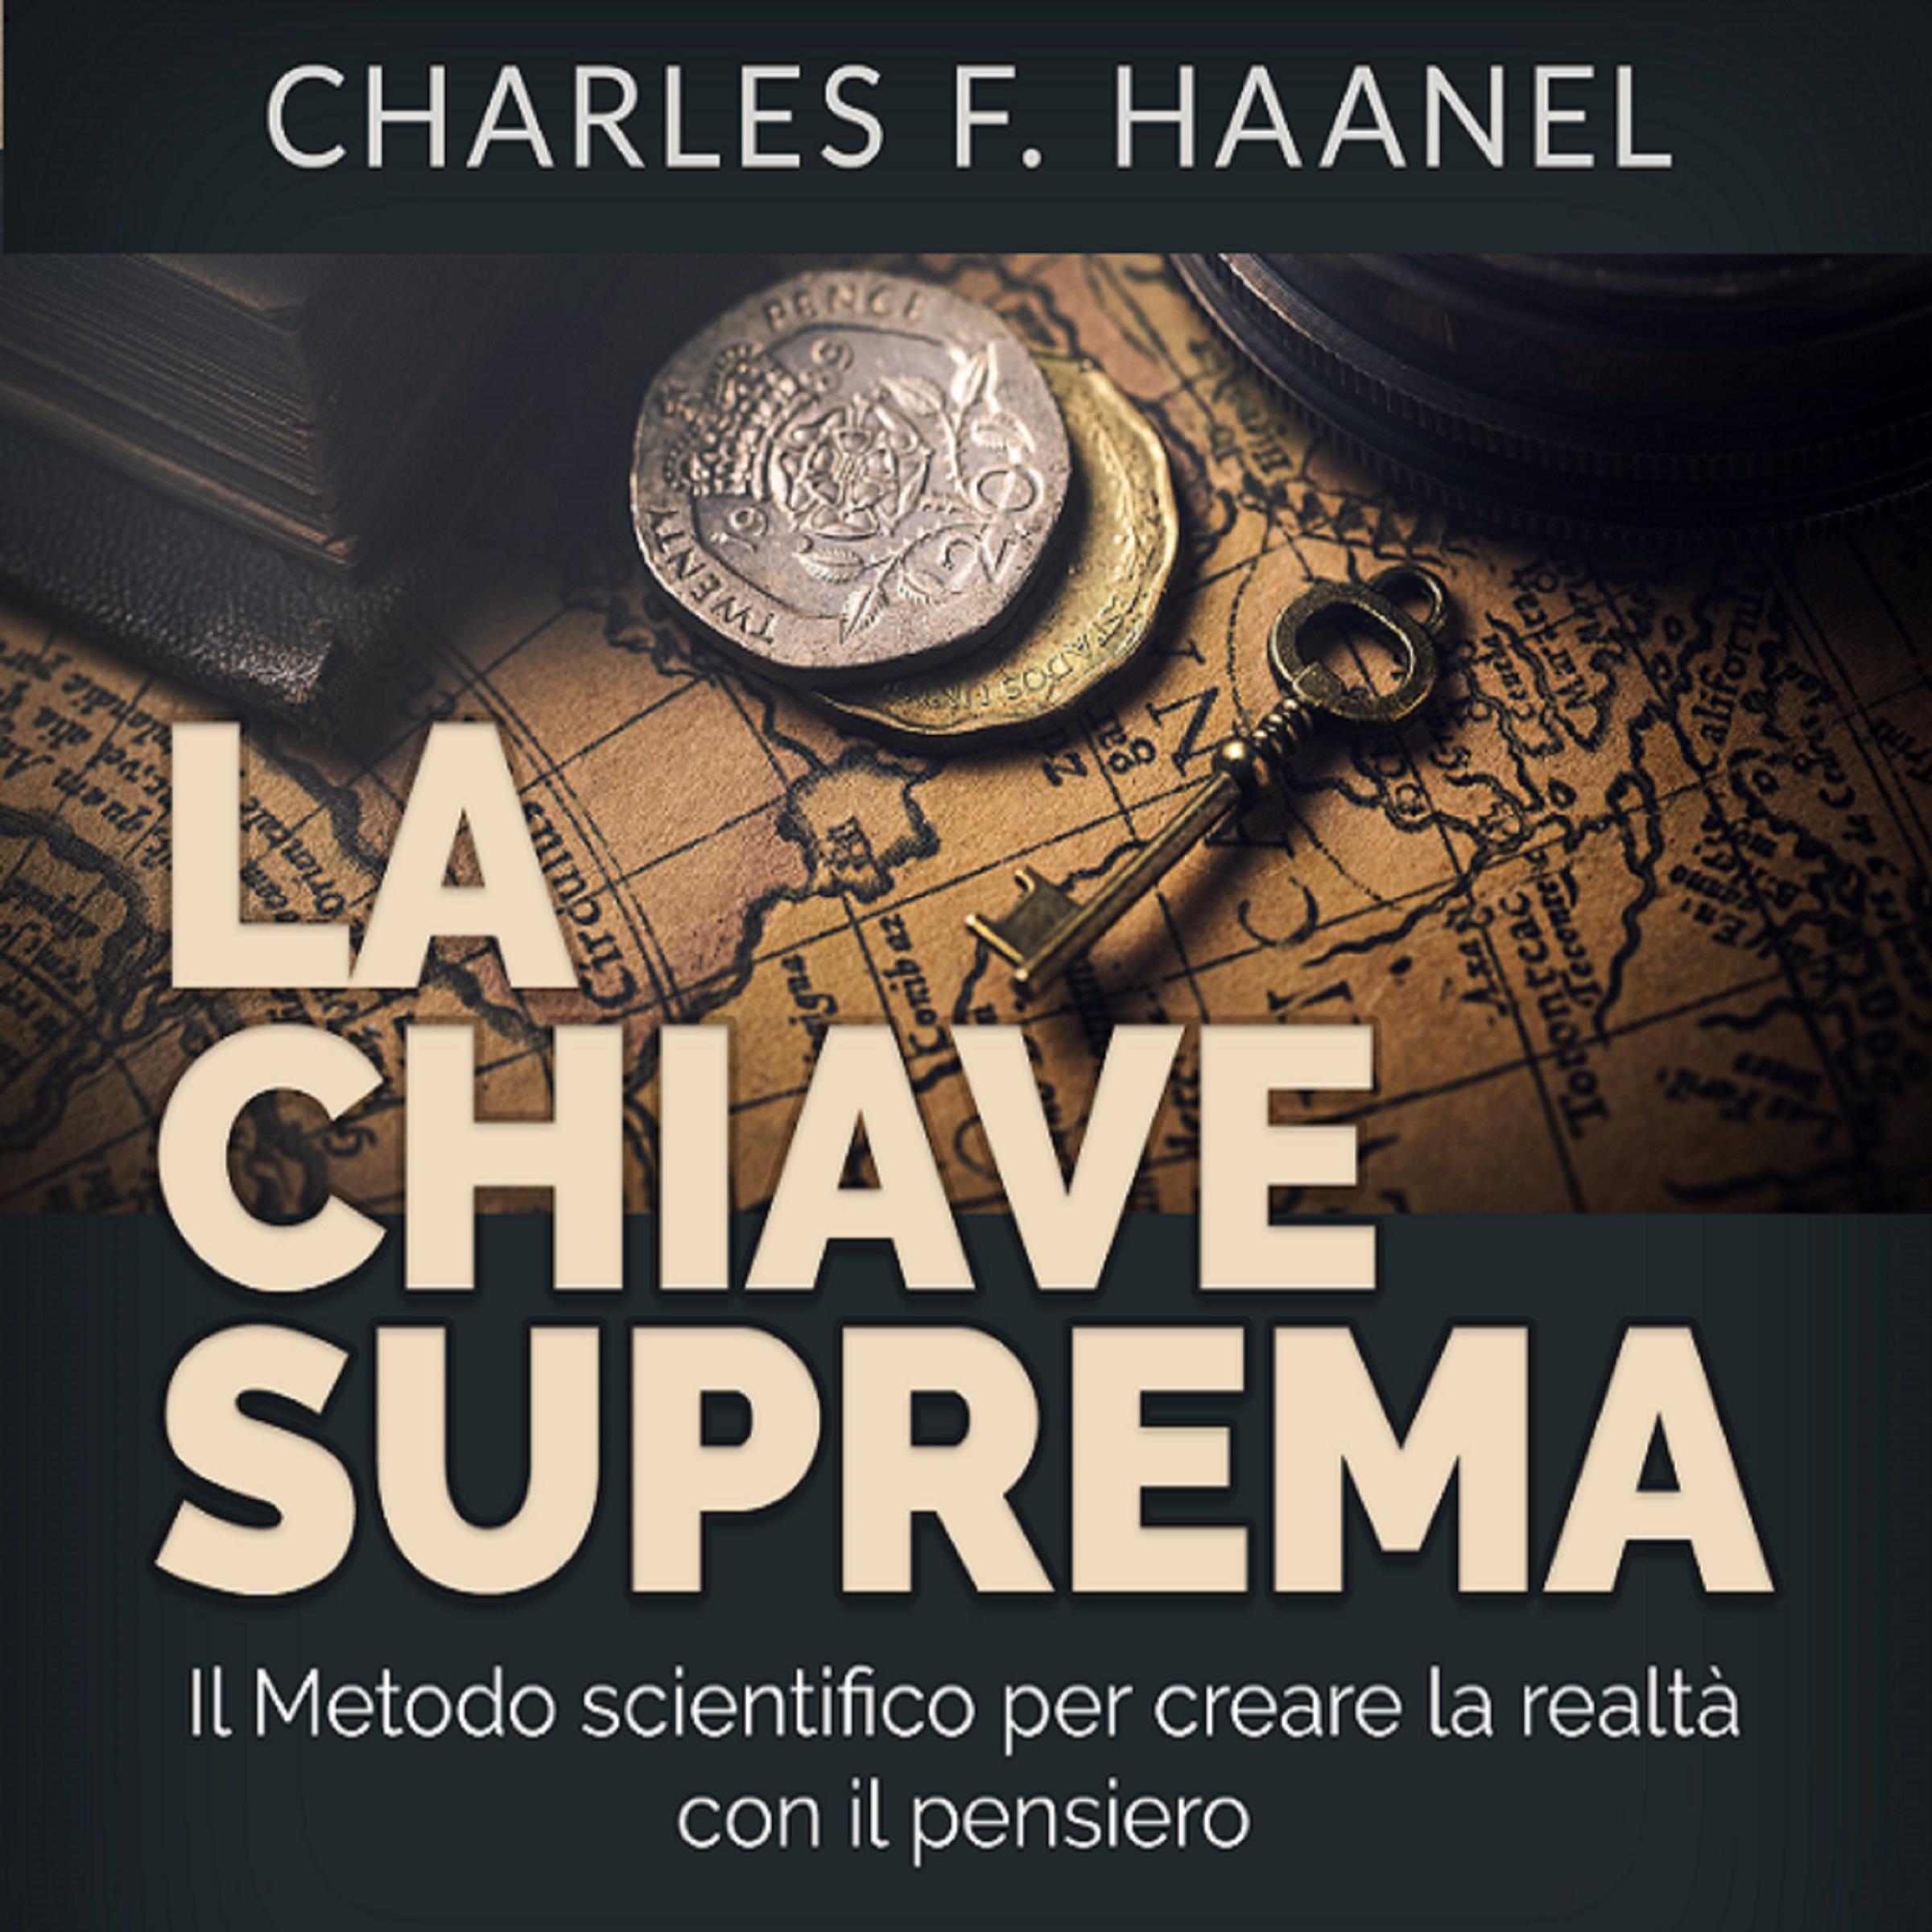 La Chiave Suprema (Edizione completa)